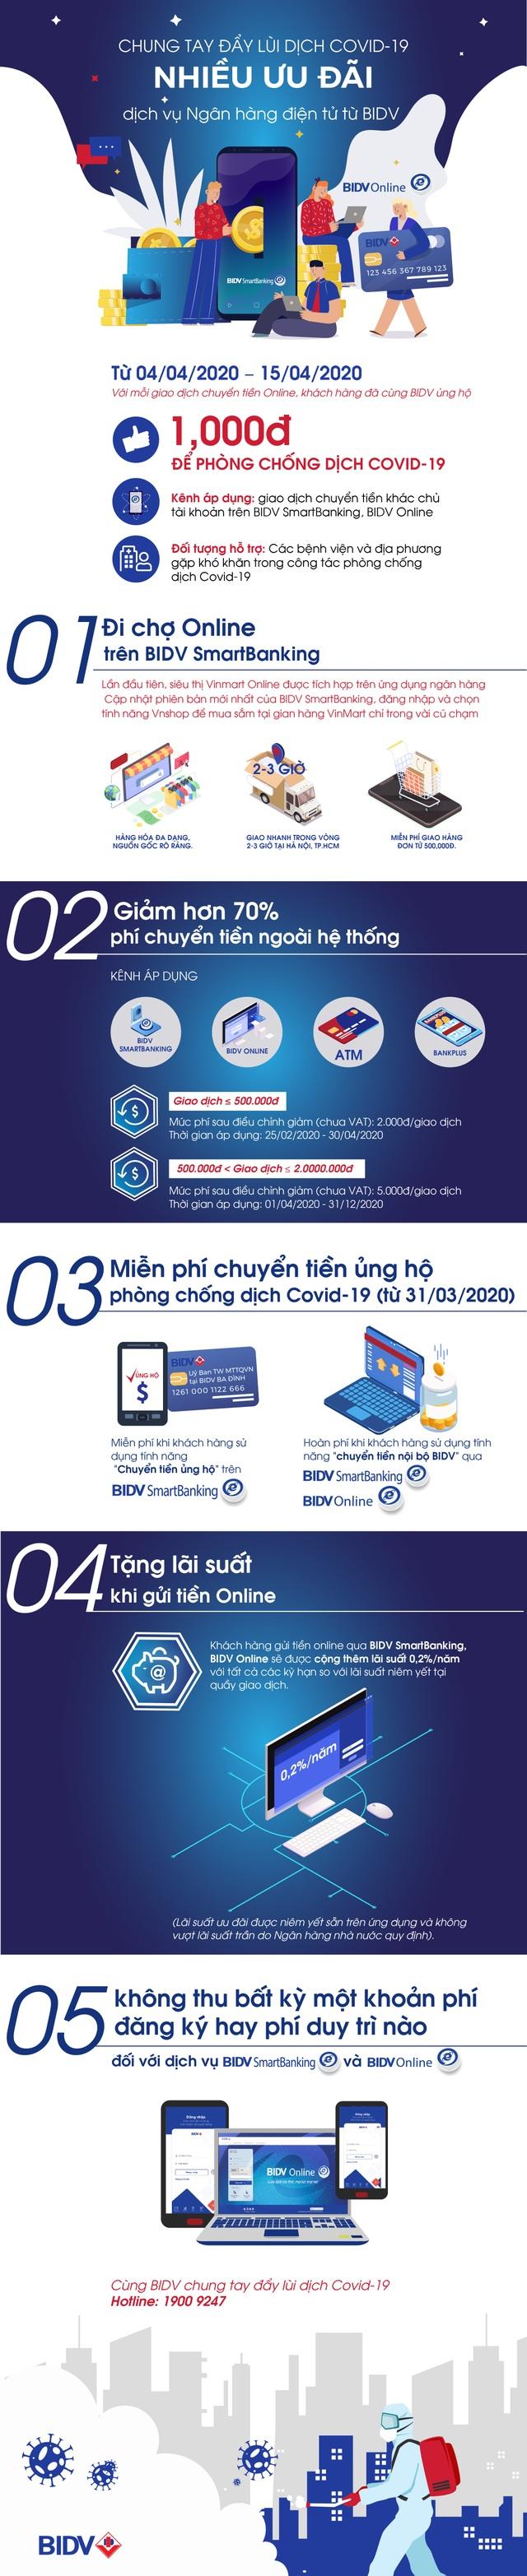 BIDV dành nhiều ưu đãi cho khách hàng giao dịch Online - 1